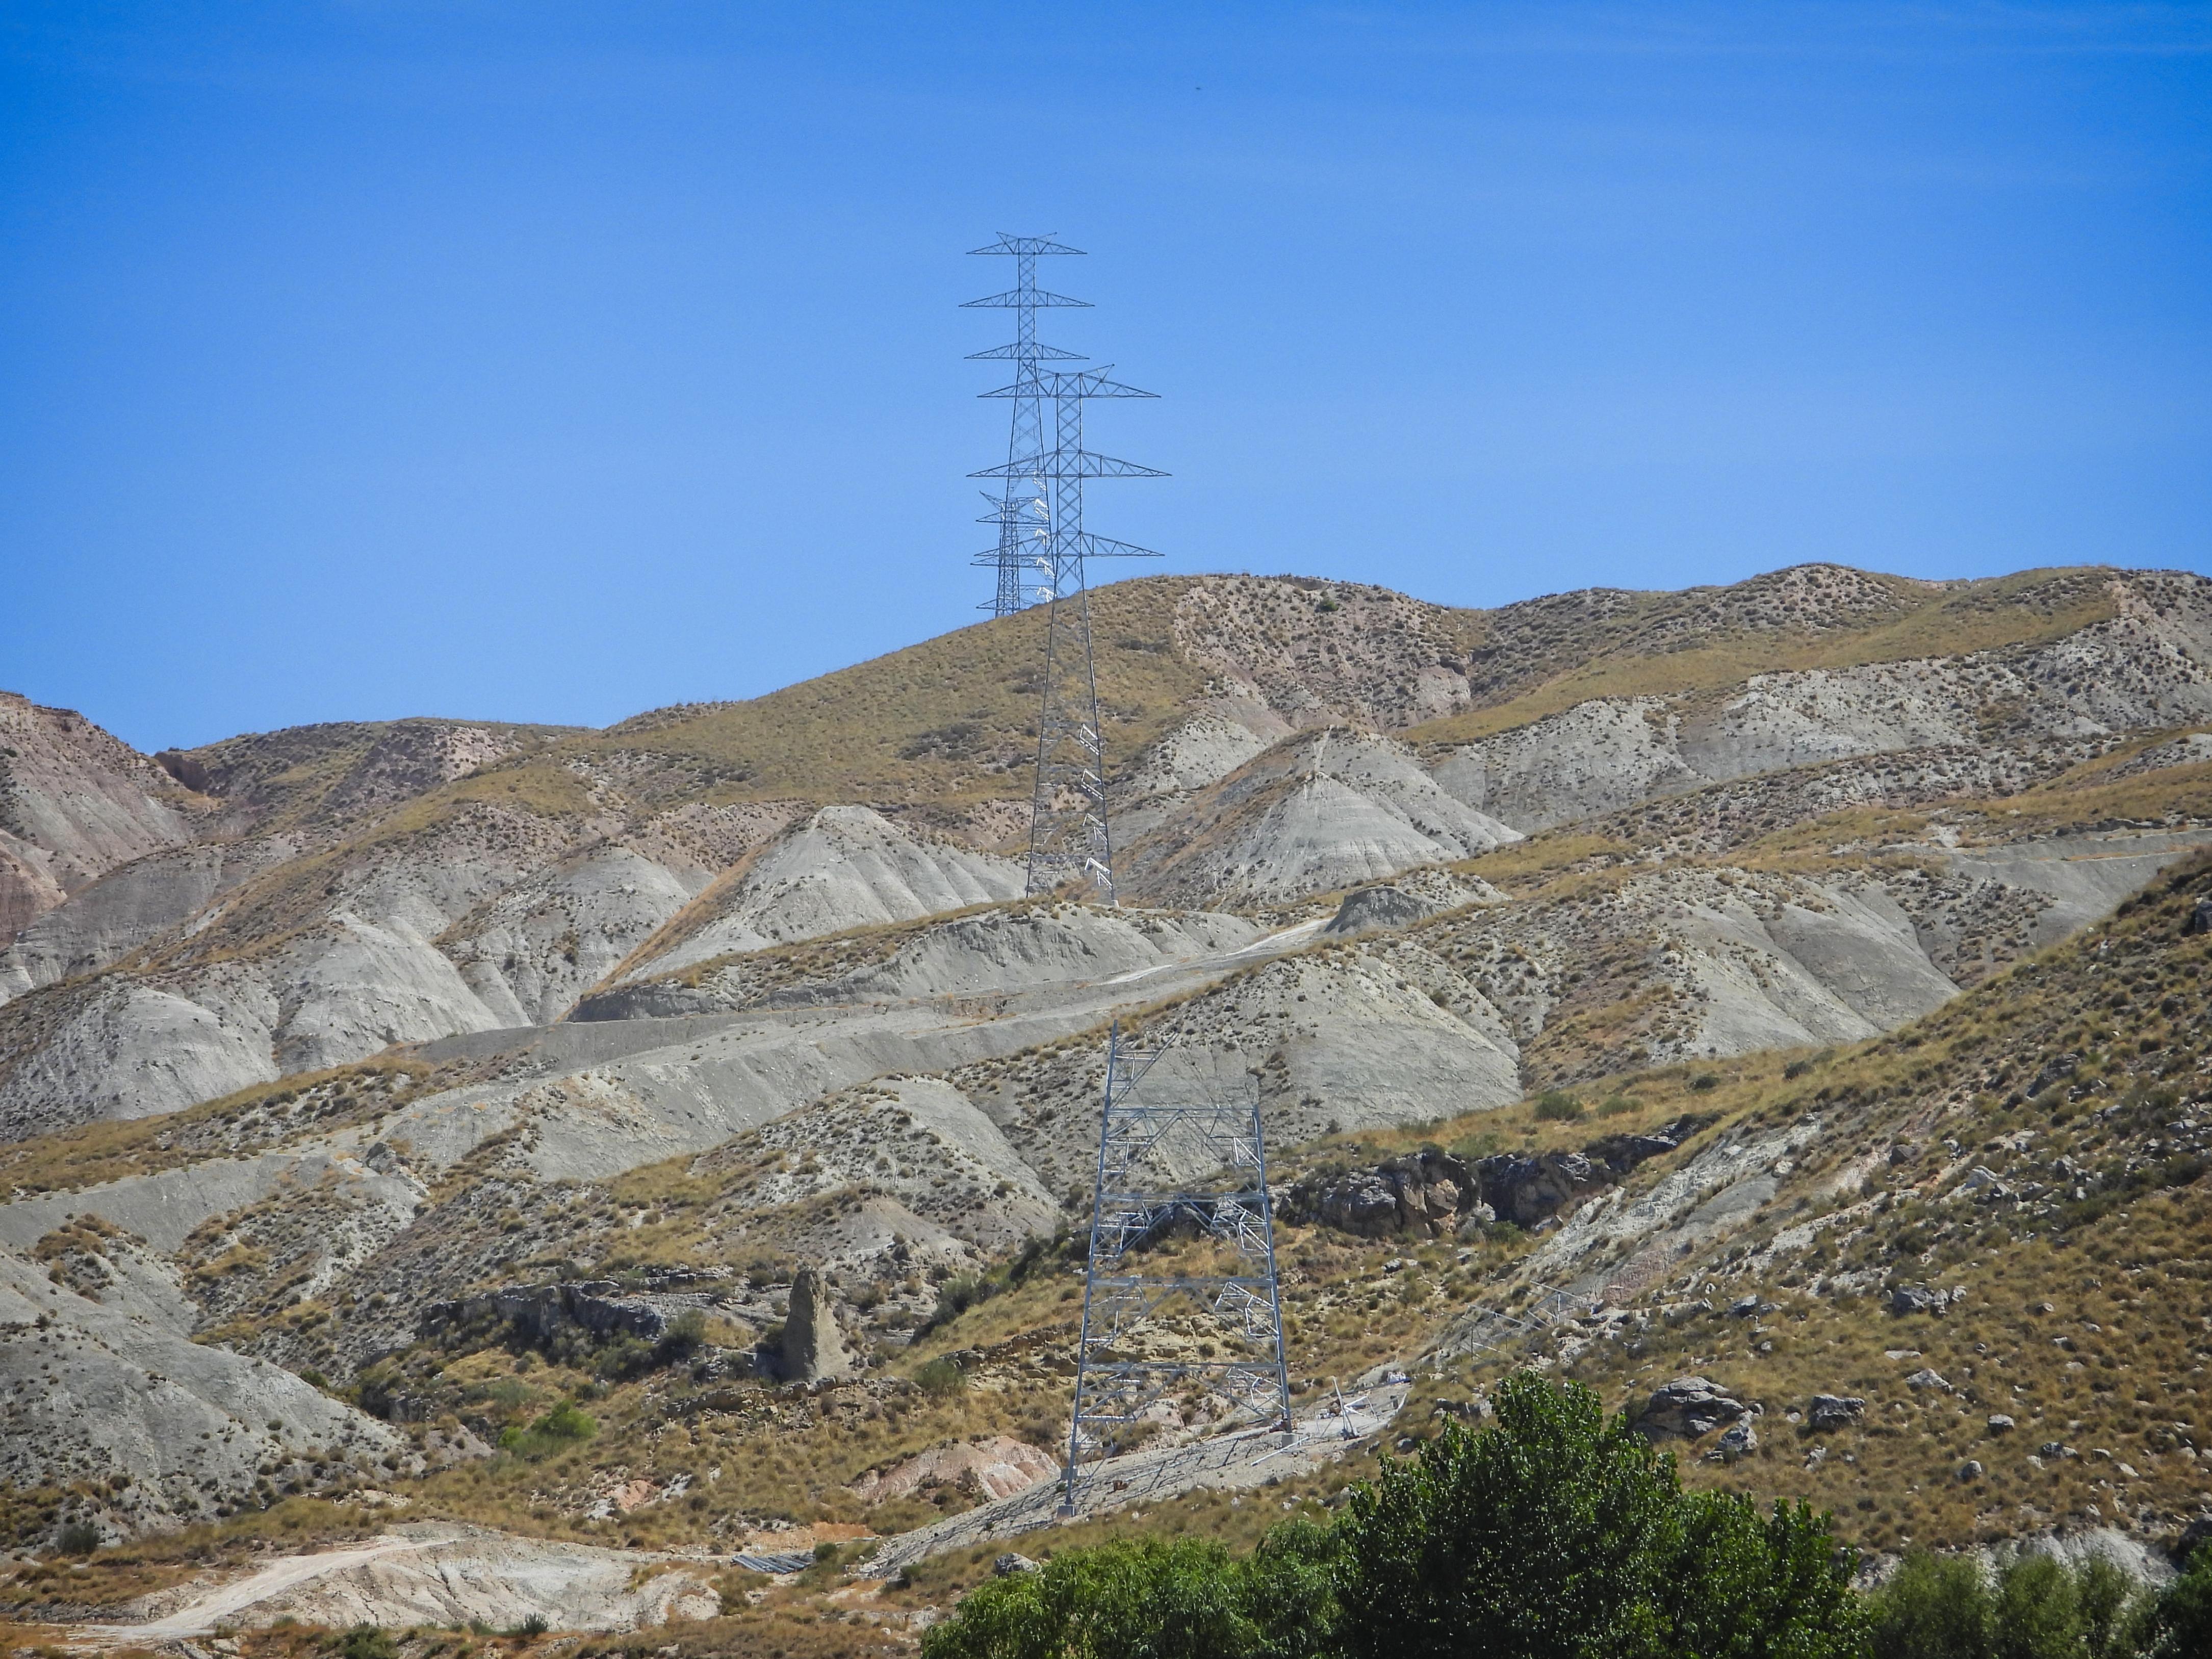 Entregan 16.000 firmas al delegado de Gobierno Andaluz contra la Línea eléctrica Baza-Caparacena